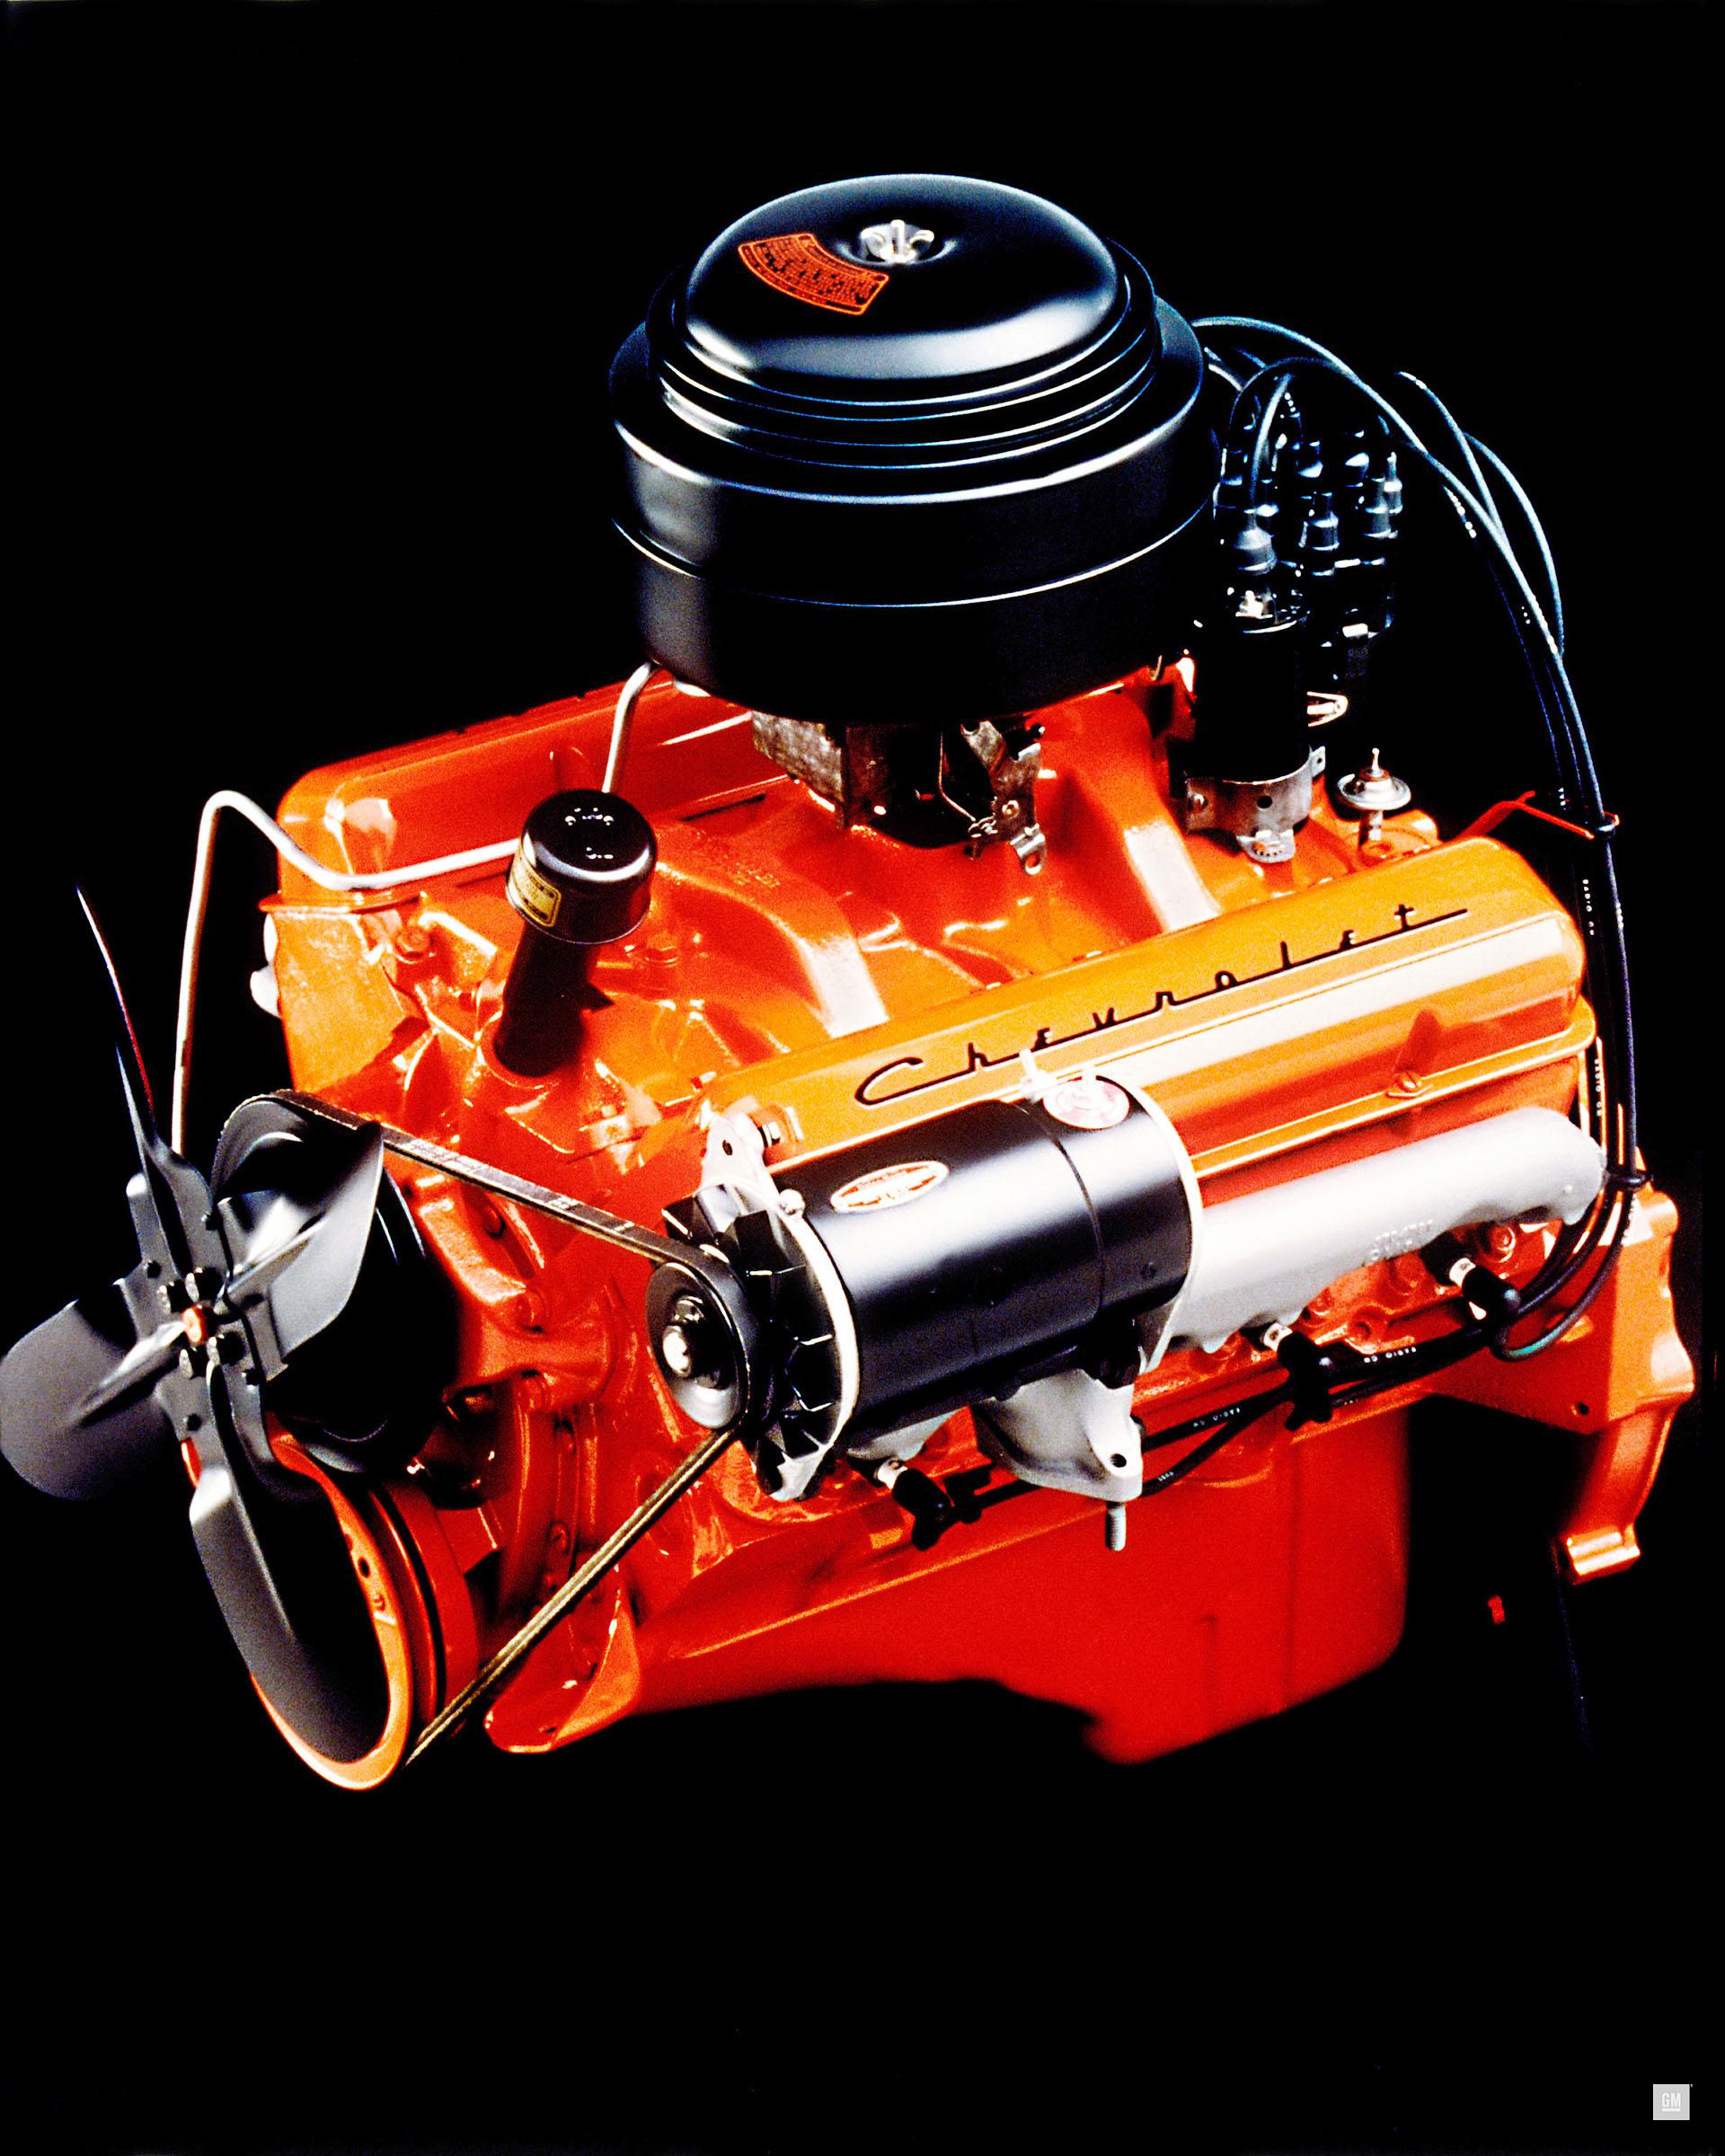 1955 Chevrolet Small Block V-8